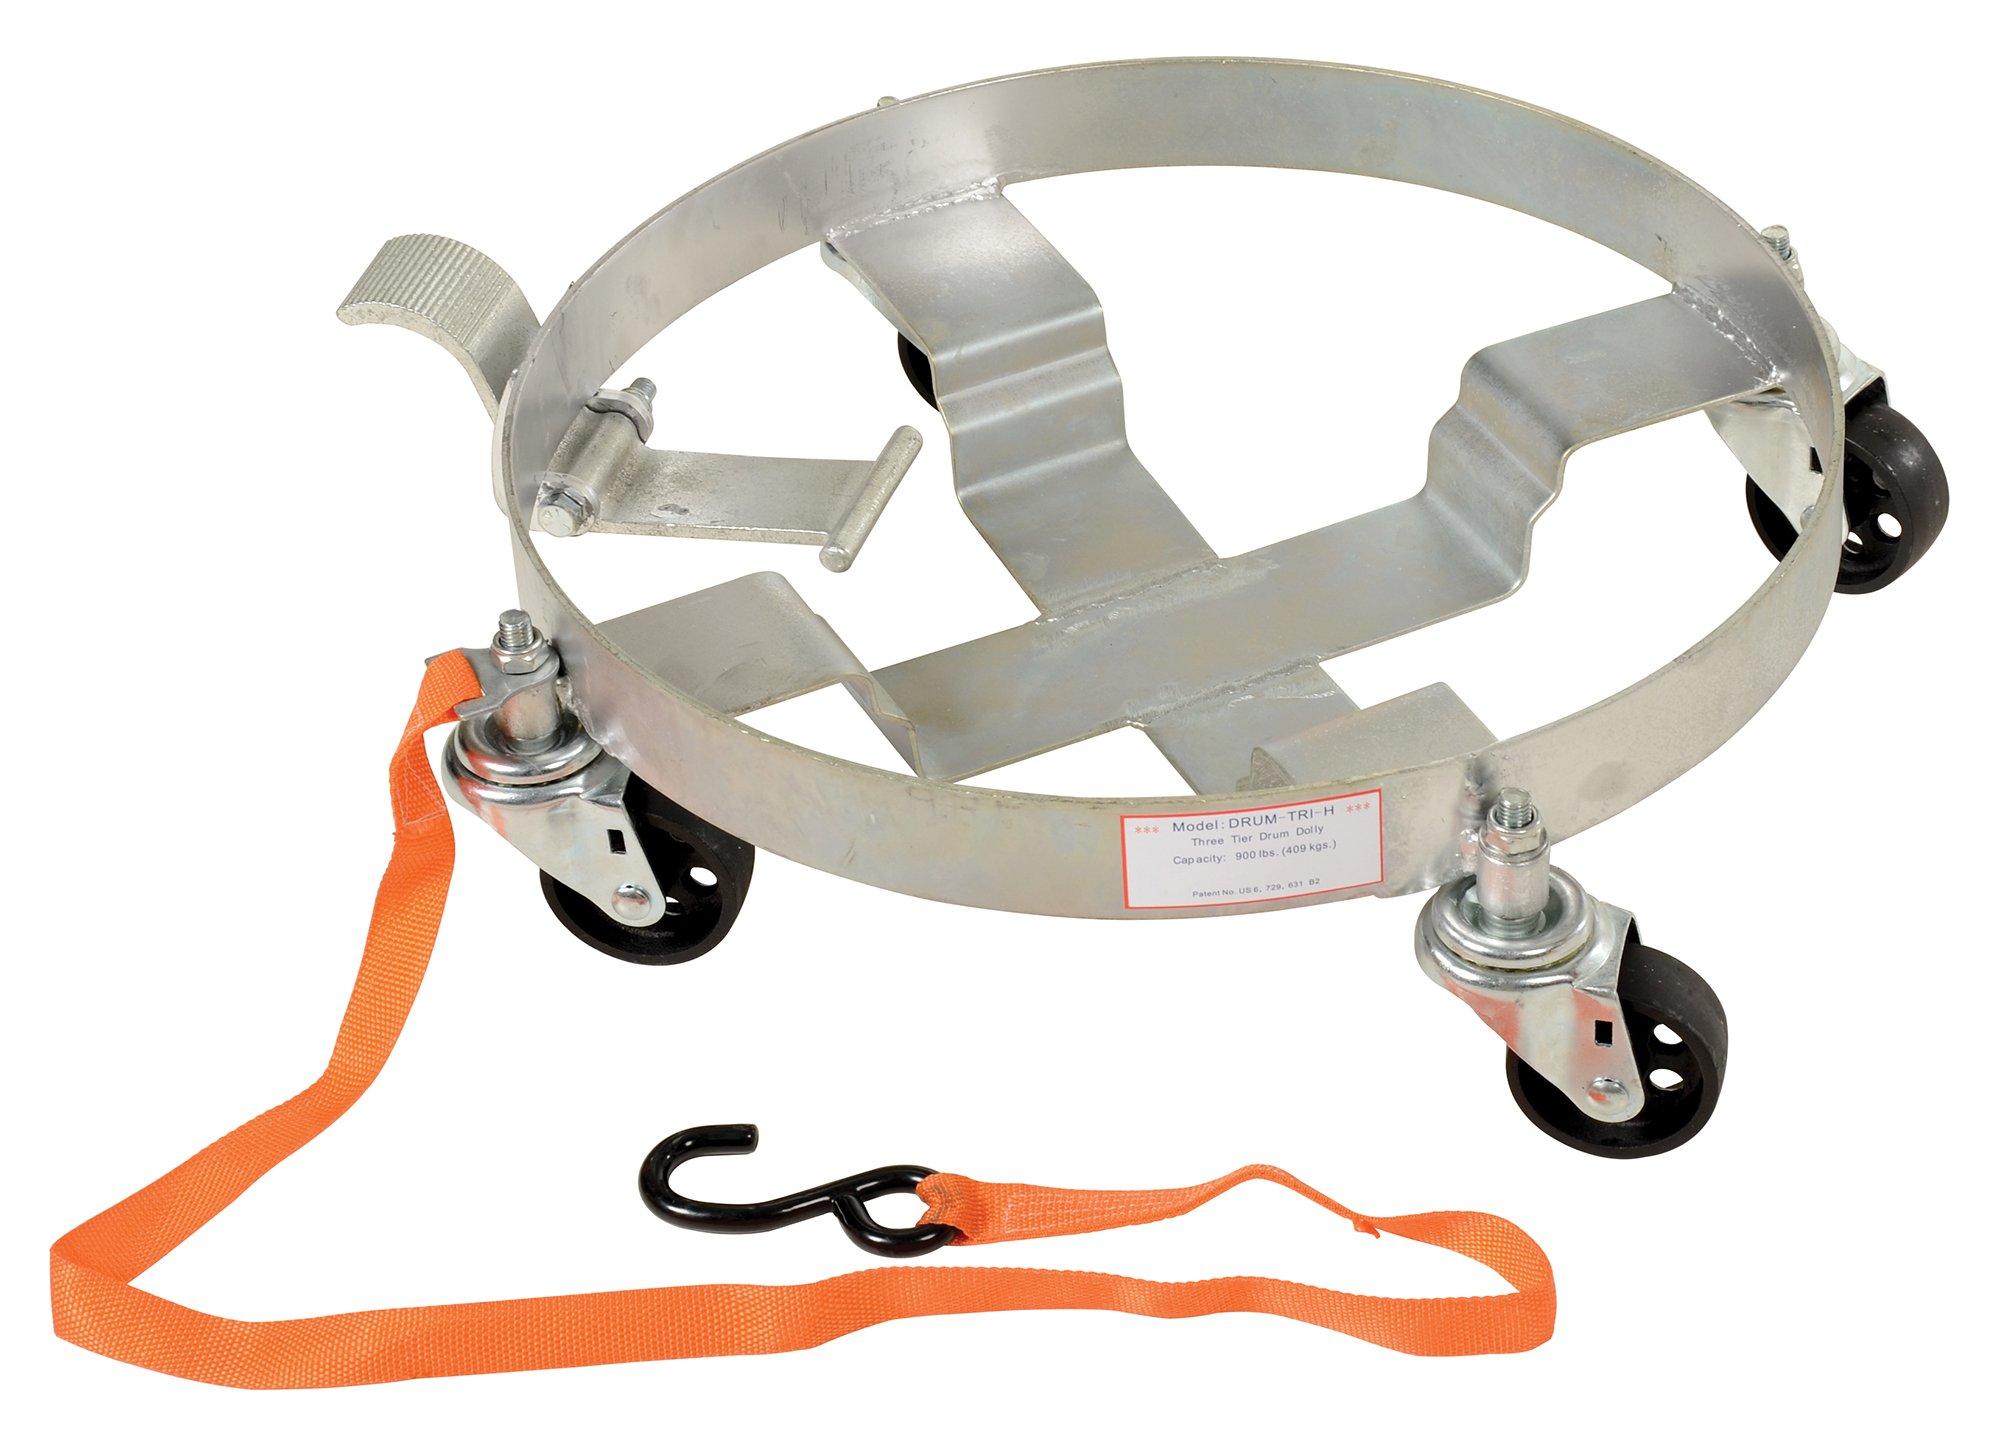 Vestil DRUM-TRI-H-TLT Tilting Drum Dolly tilts for better liquid extraction for5-gallon pail, 30-gallon drum, LP gas tank, Tilt Feature works with 30-gallon drum, 900 lbs Capacity